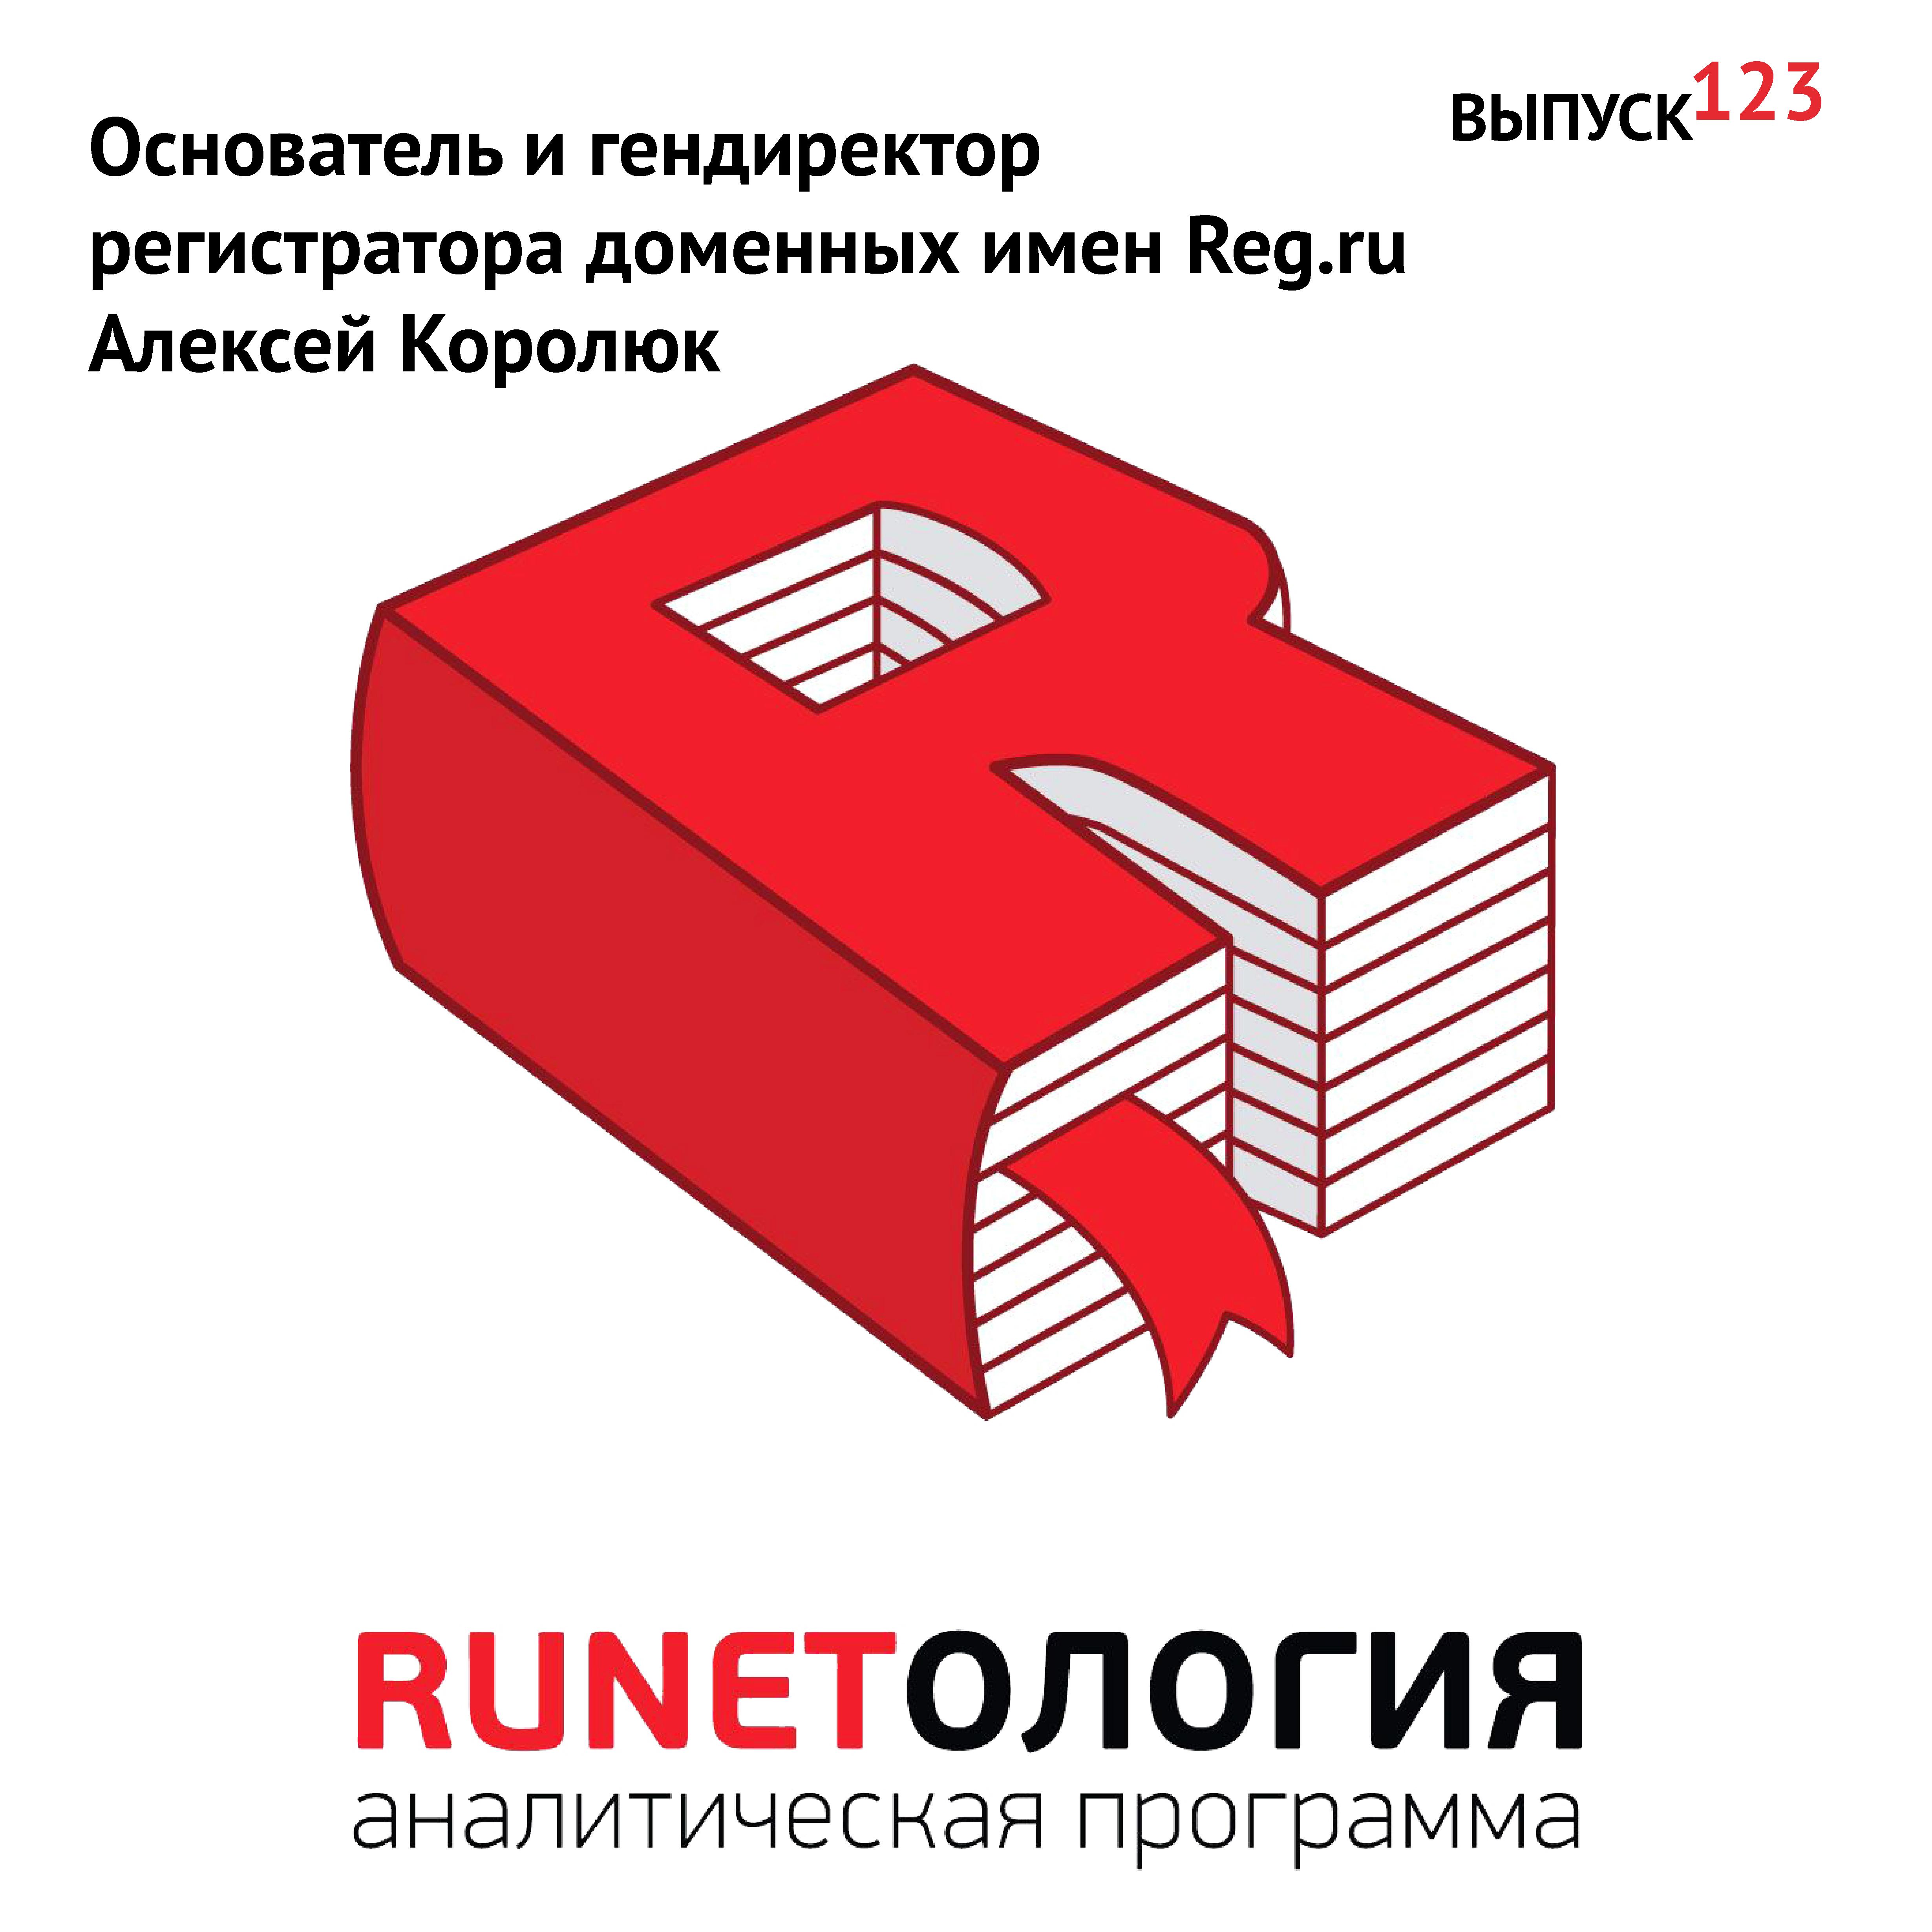 Максим Спиридонов Основатель и гендиректор регистратора доменных имен Reg.ru Алексей Королюк